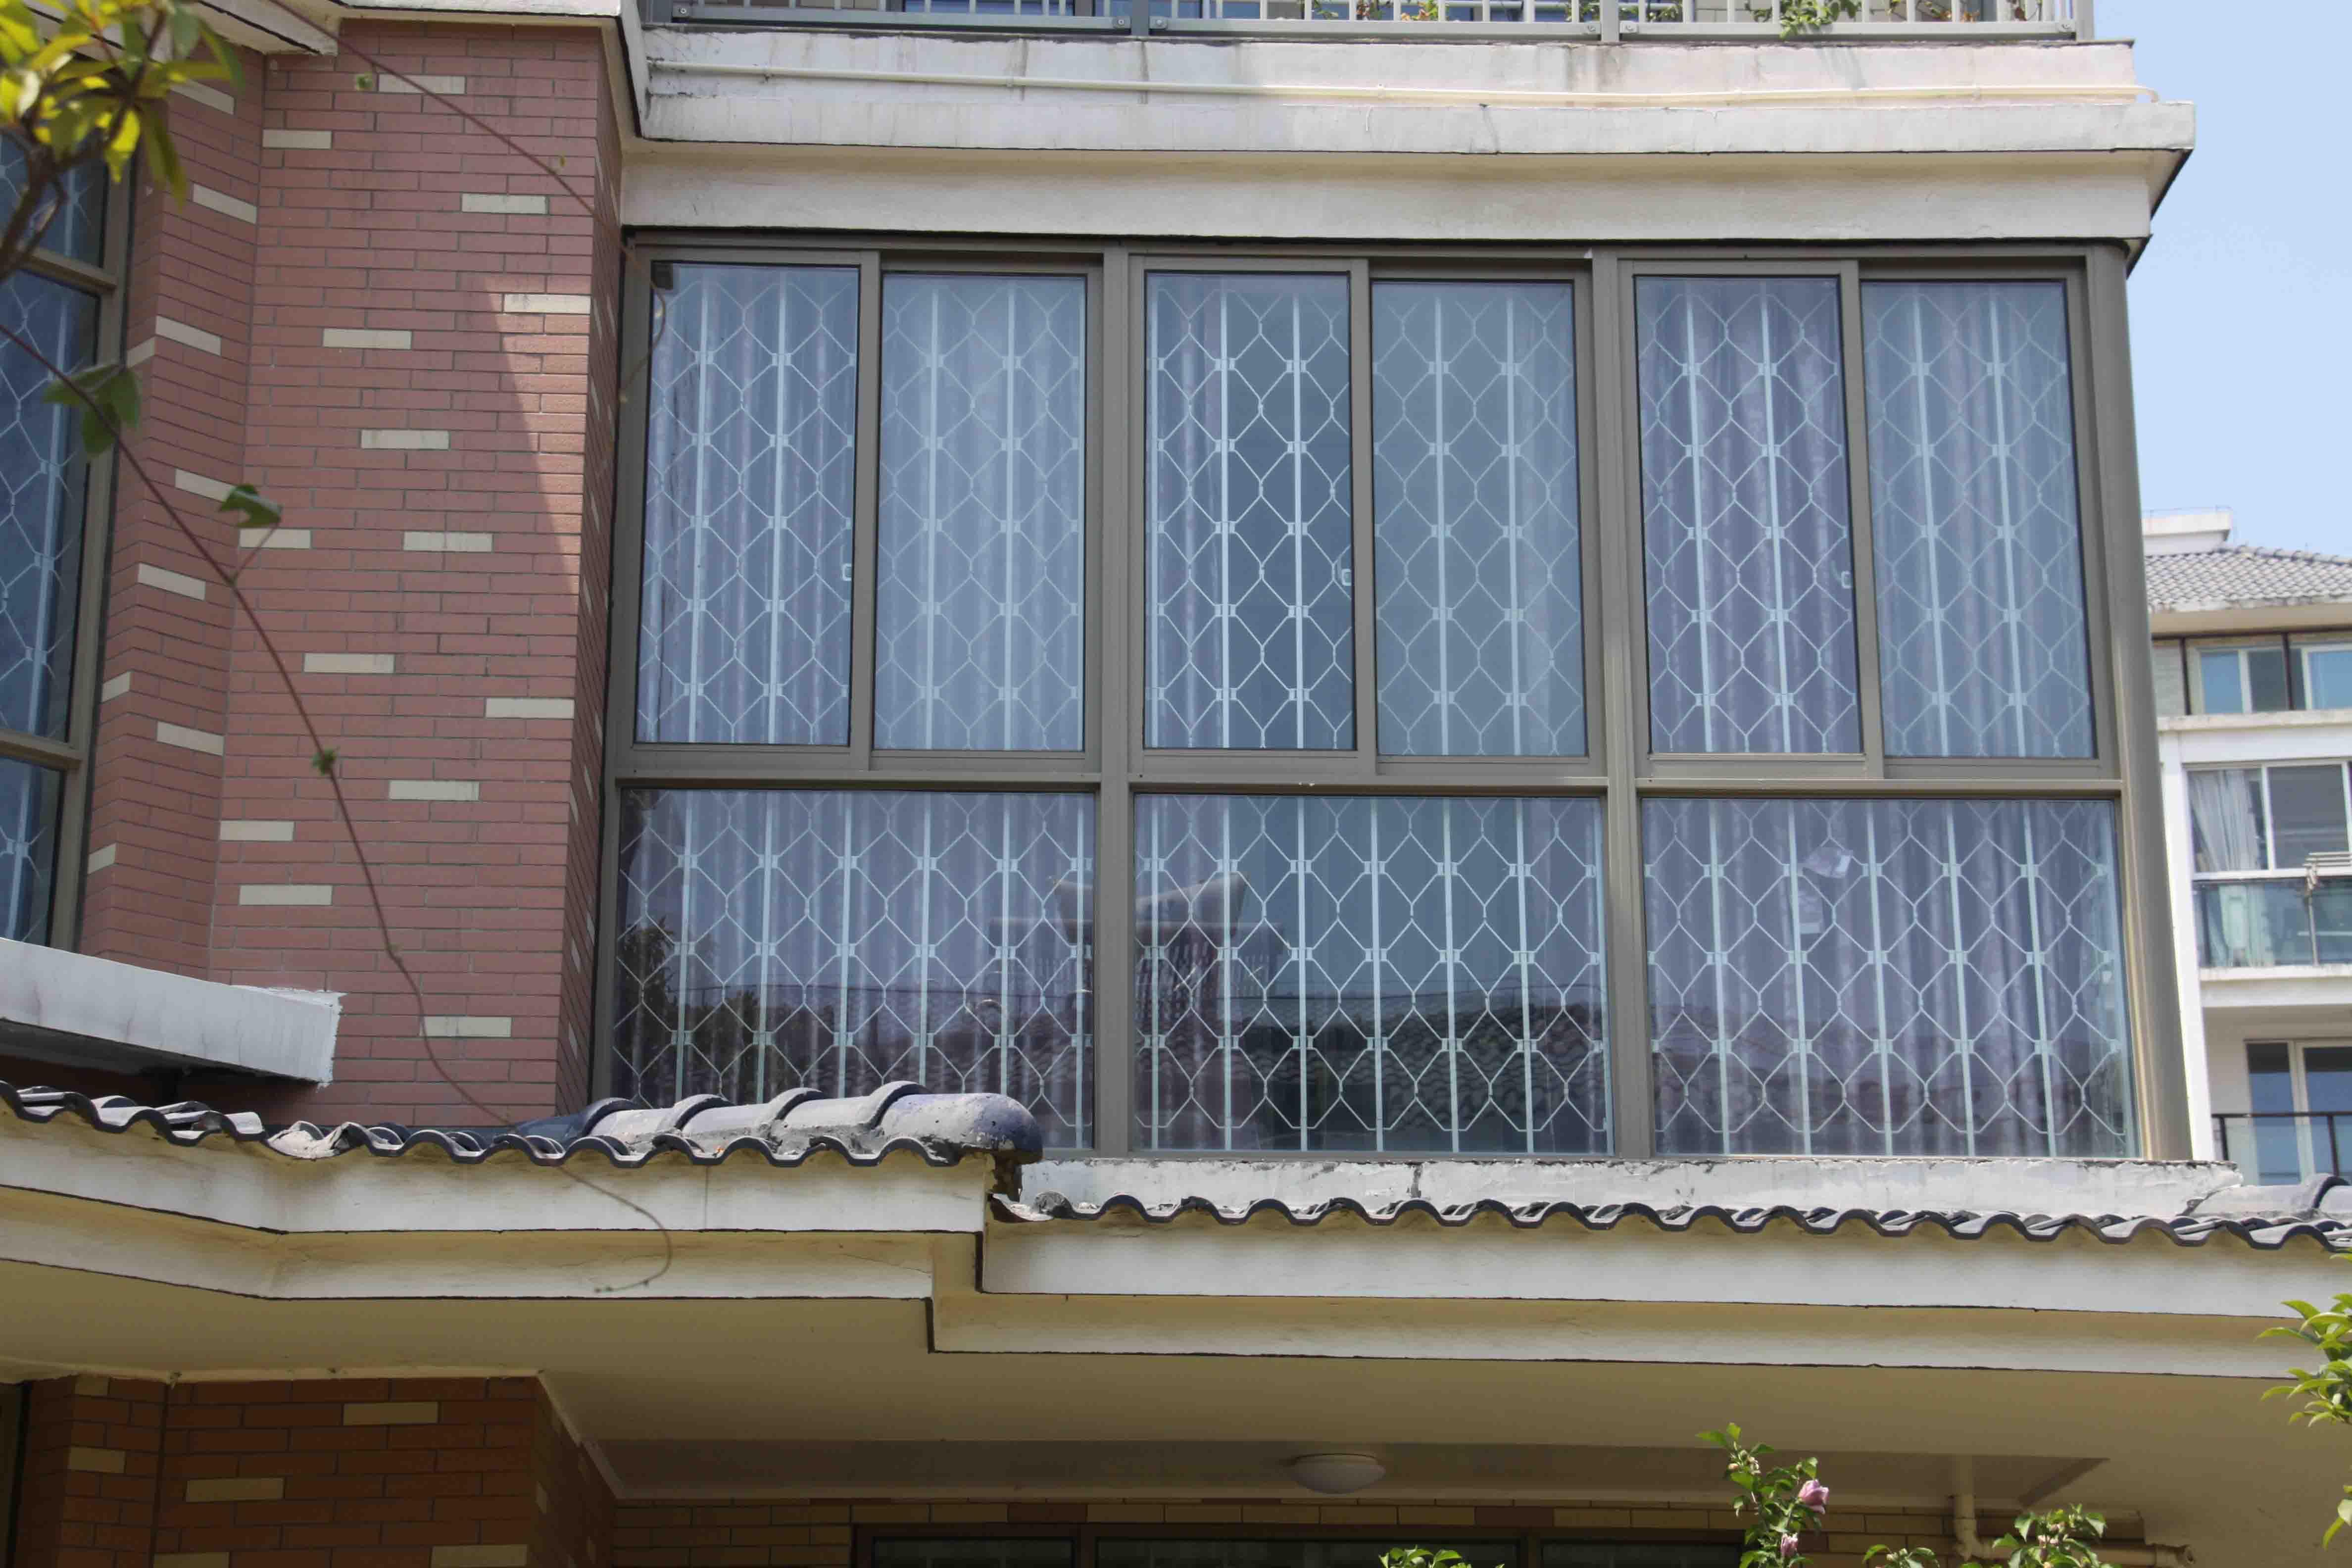 安然门窗折叠隐形防盗窗儿童防护窗防护栏隐形防盗网金钢网